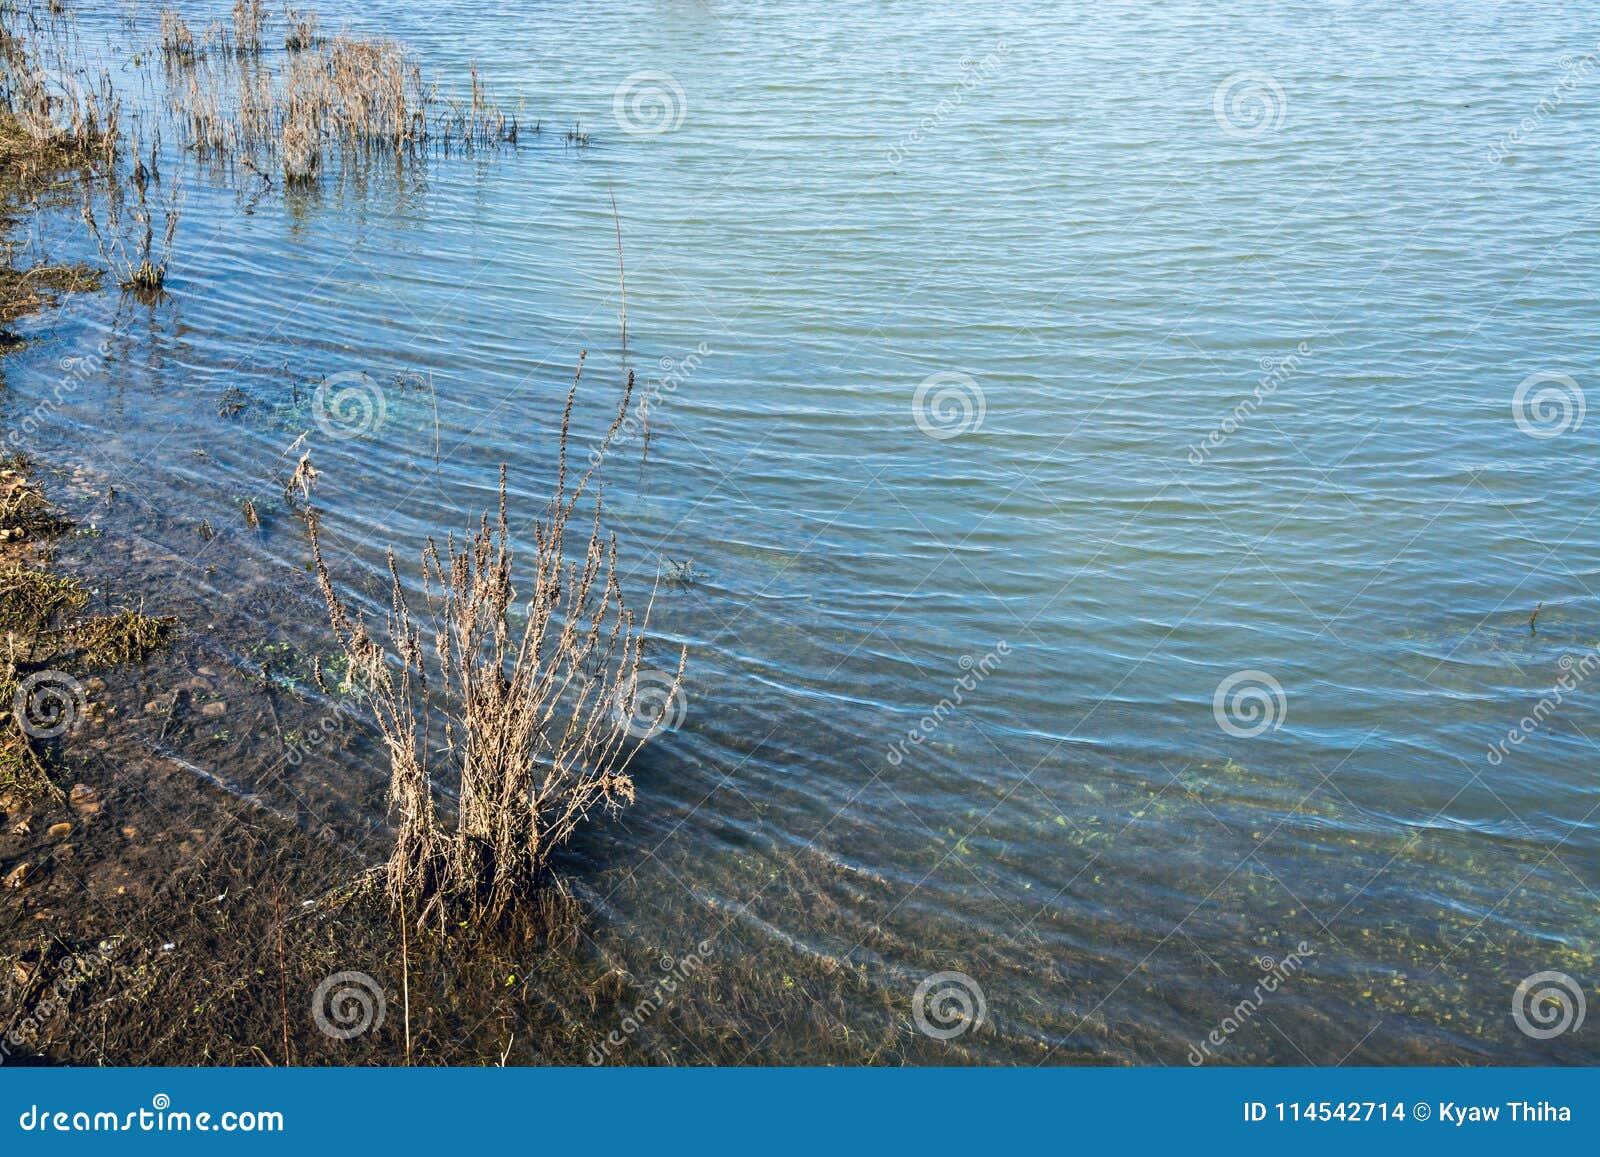 Water in ondiep meer die subtiele golven vormen door de wind - 1